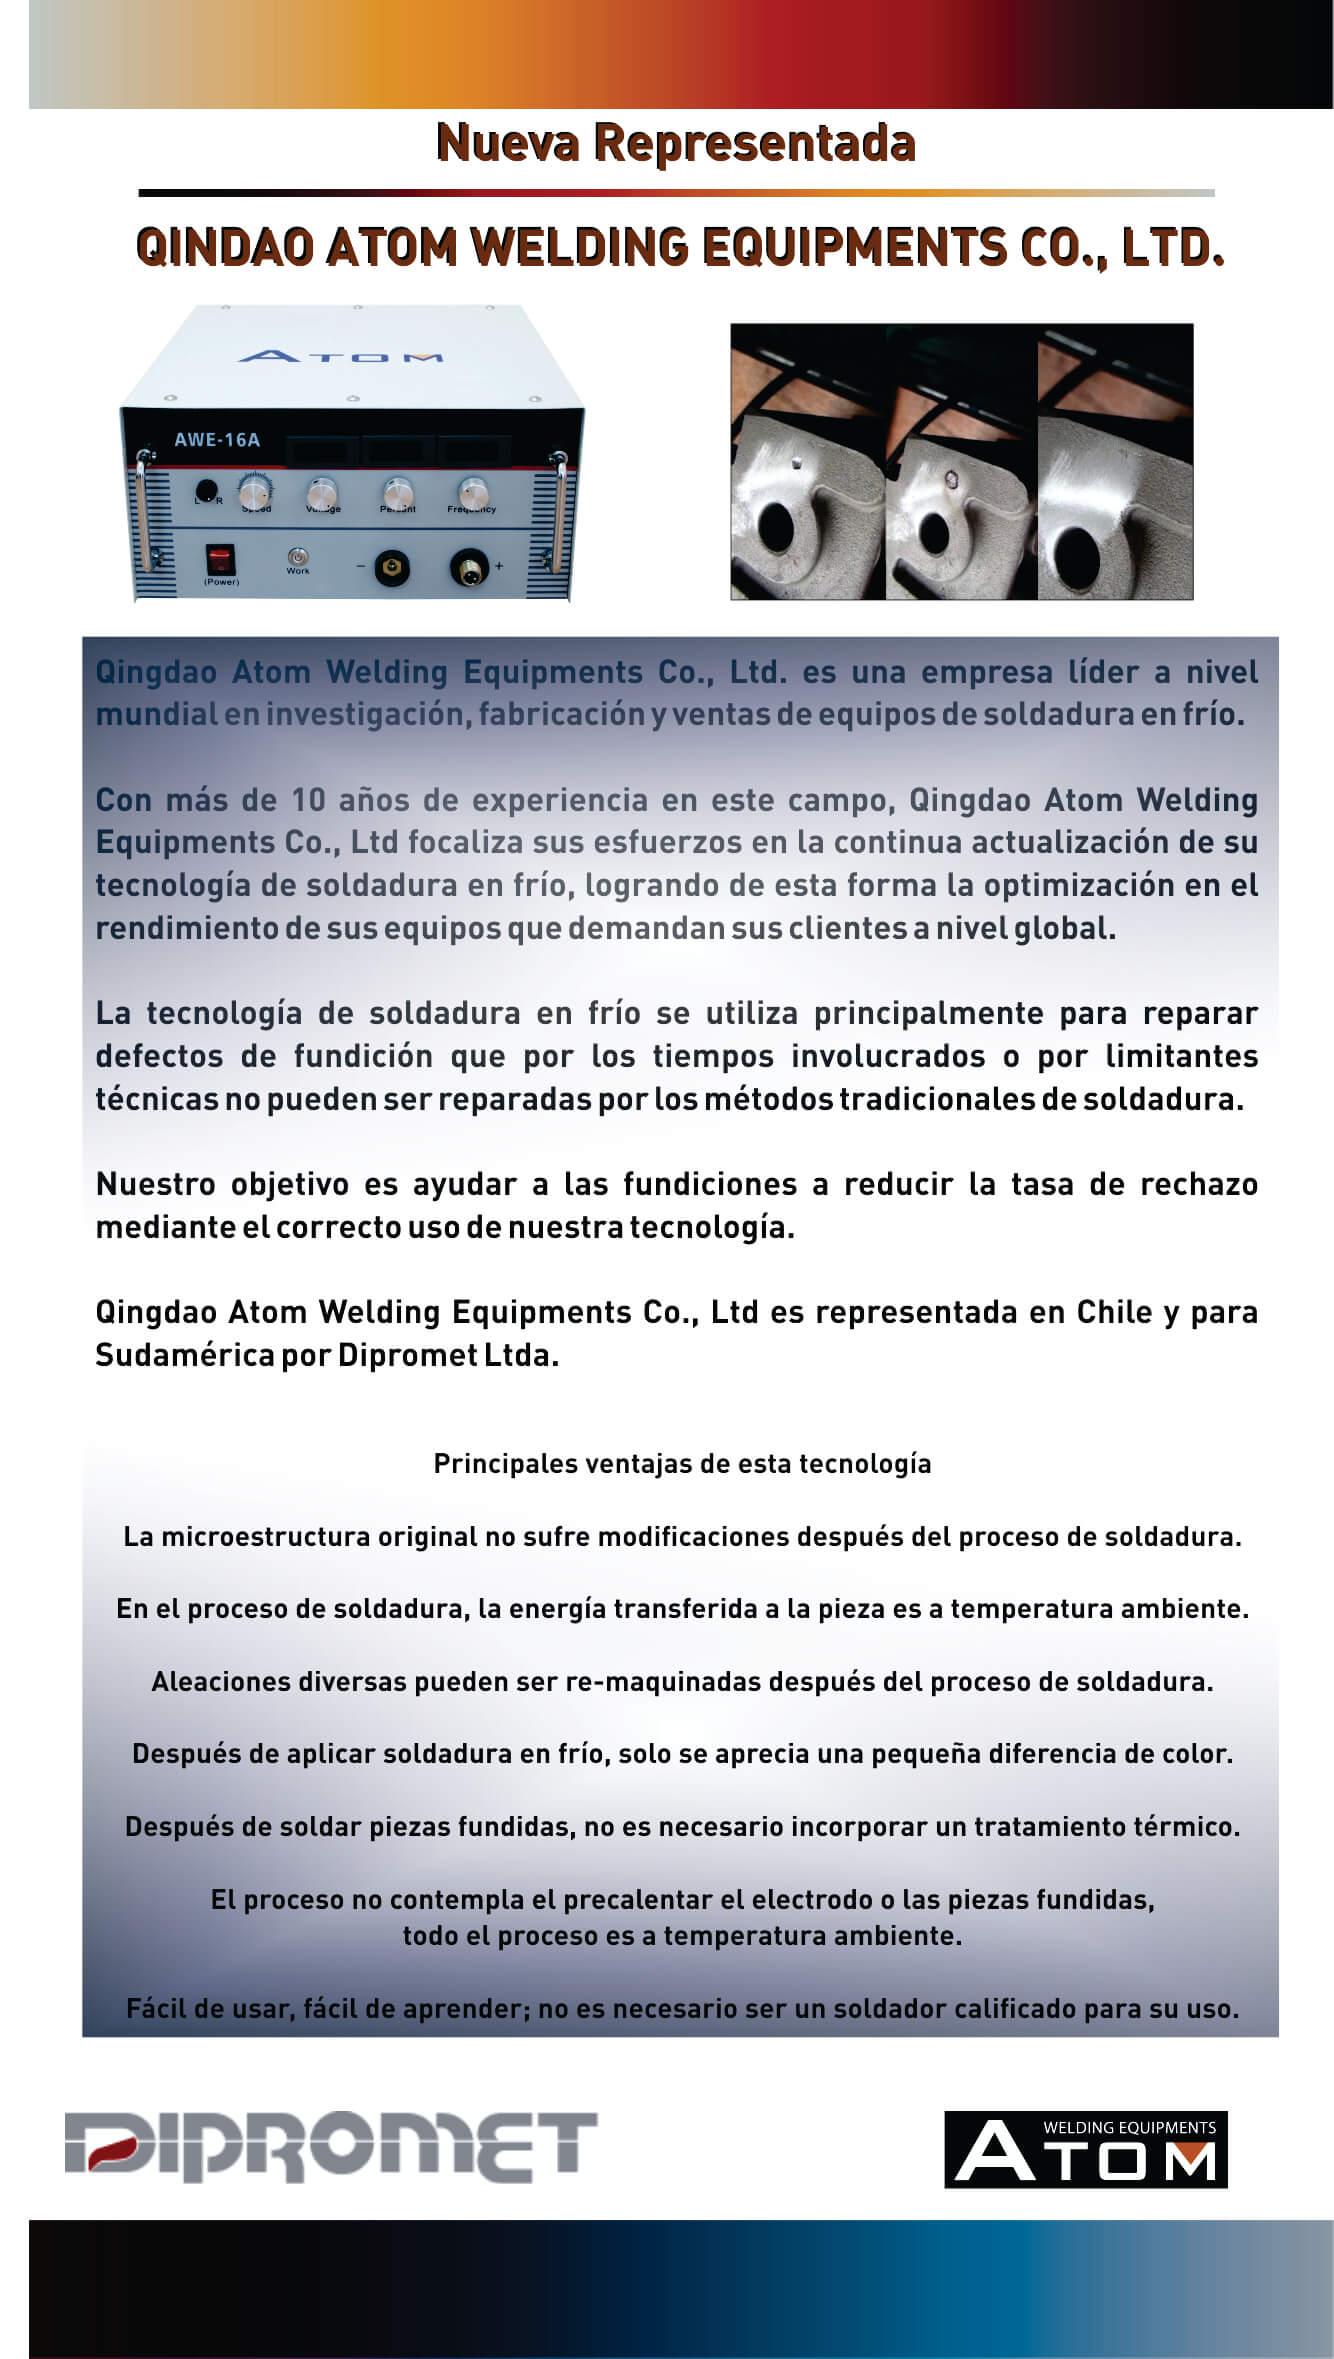 ESD Electro Spark Deposition, Soldadora en frío, soldadura, Dipromet, Atom, reparación piezas fundición, reparación moldes, acero inoxidable